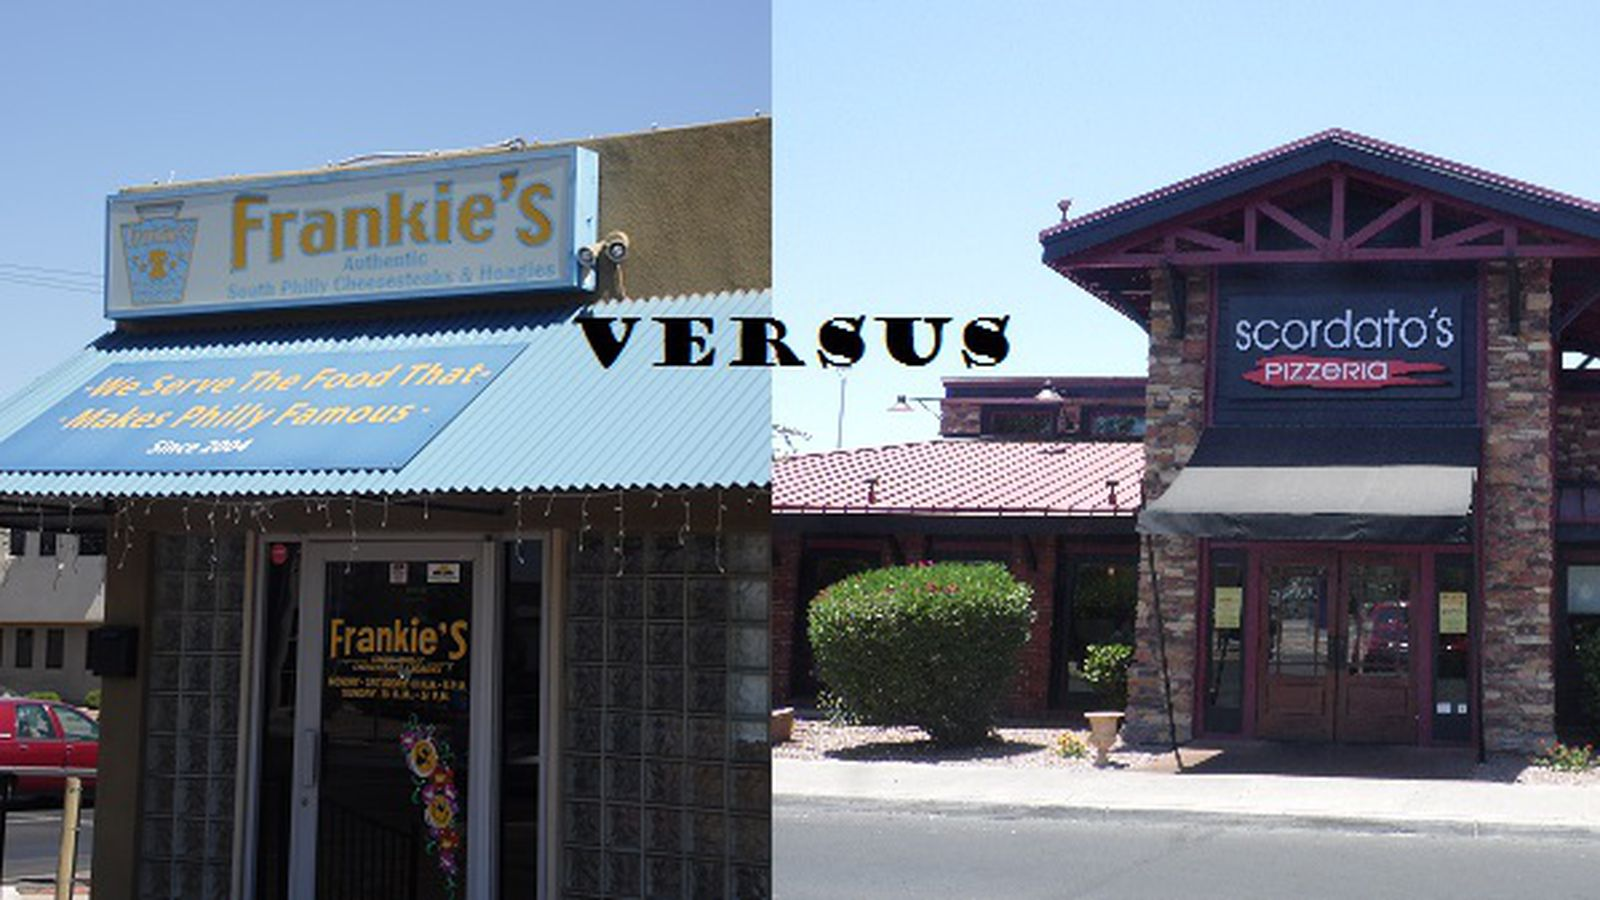 Frankie_s_vs._scordato_s.0.0